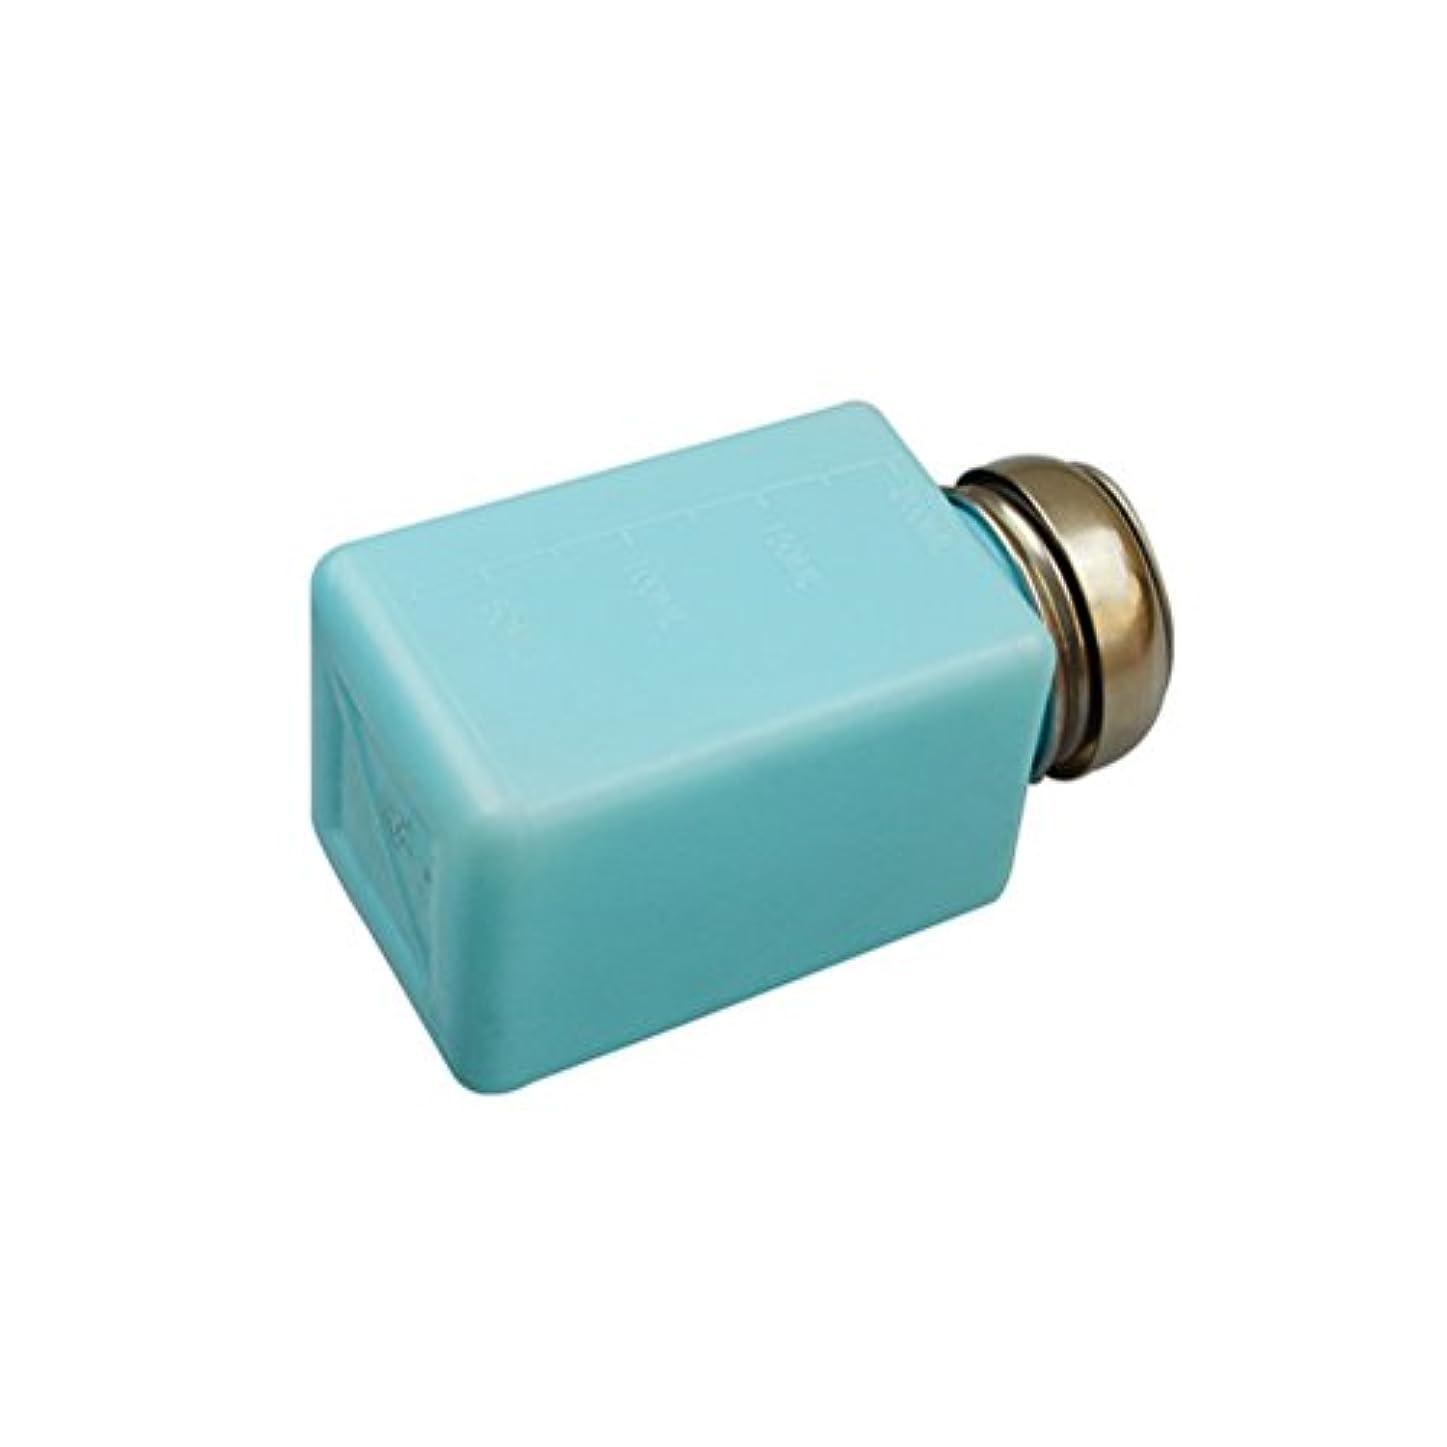 ブレンド収束する聴くBESTOMZ アルコールボトル 便利 クレンジングオイル 小分け容器 静電防止 200ML(青)